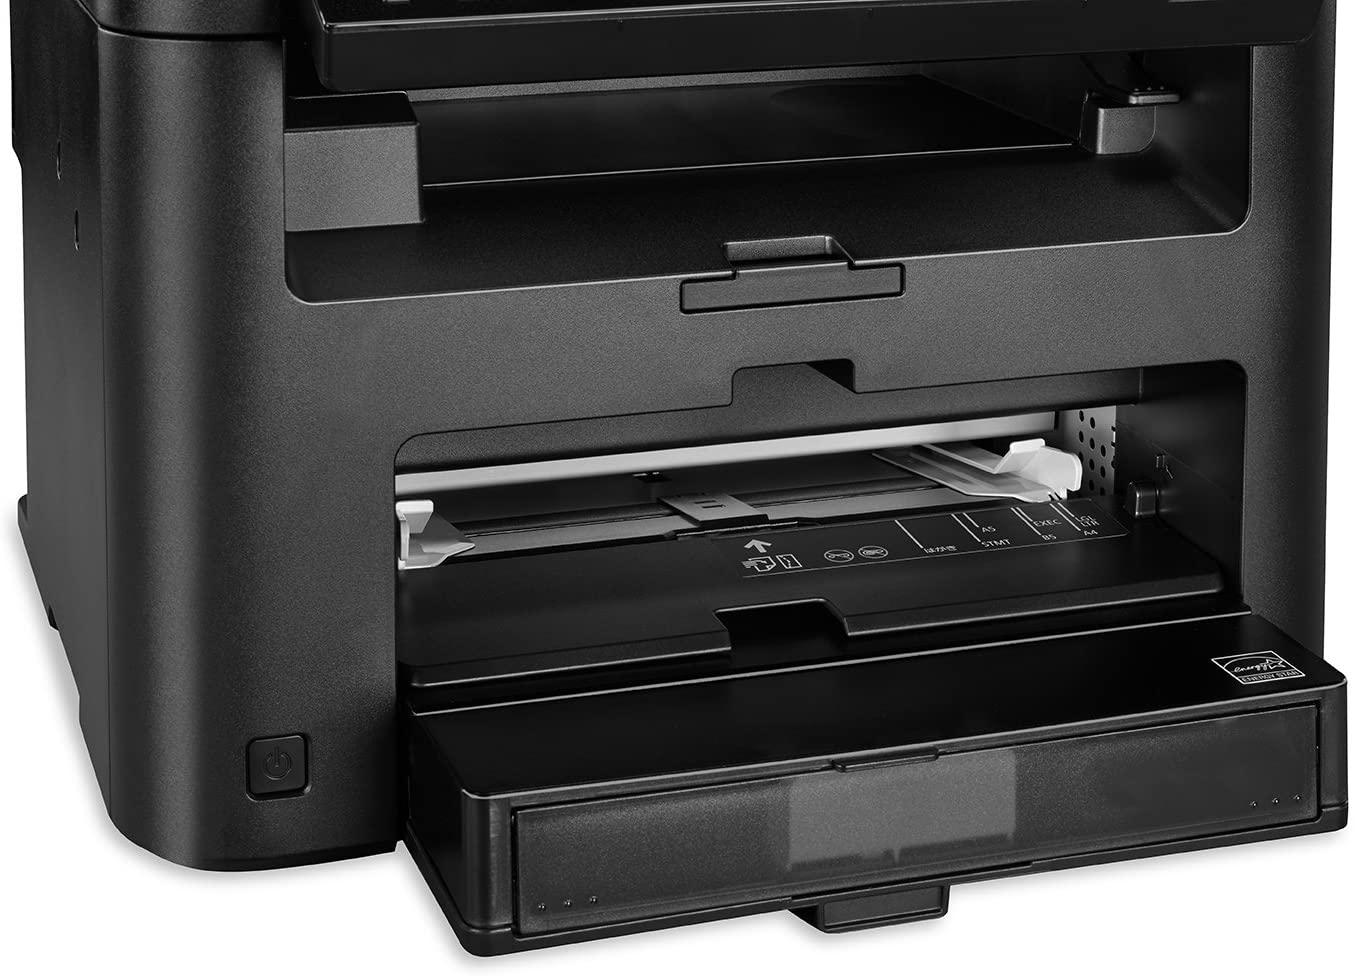 Máy in laser đen trắng đa chức năng Canon MF236n chất lượng tại quận 3